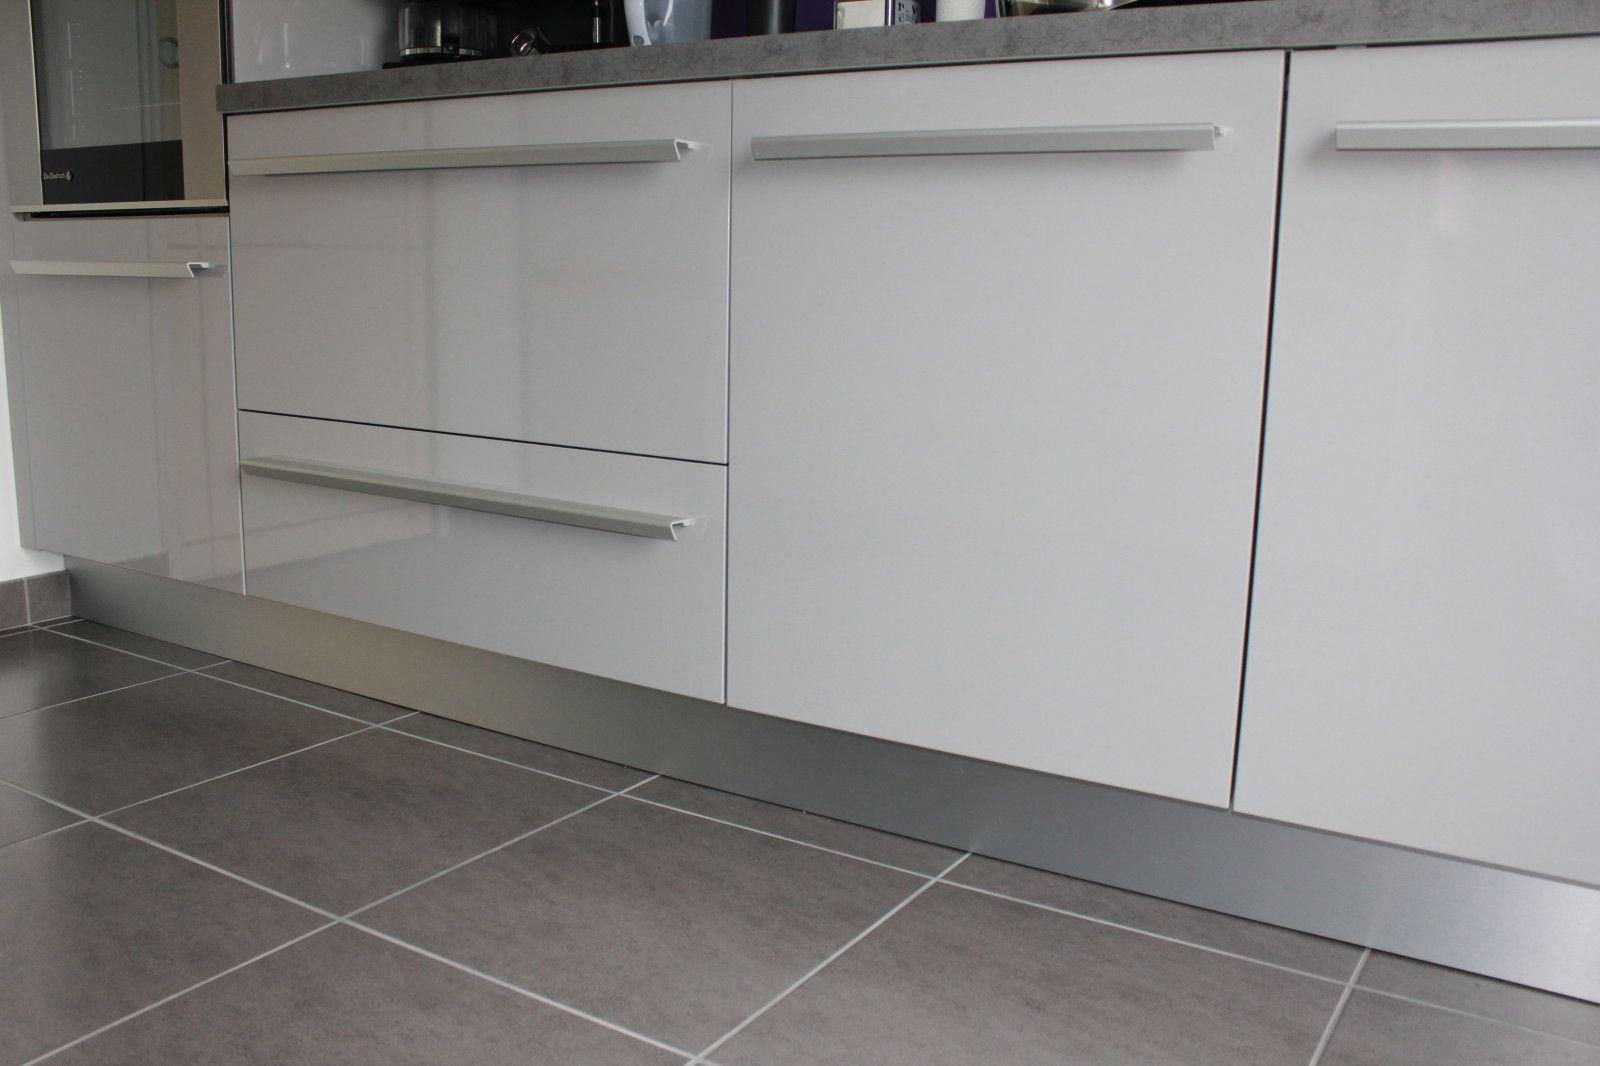 Meuble a epice coulissant ikea maison design for Plinthe meuble cuisine